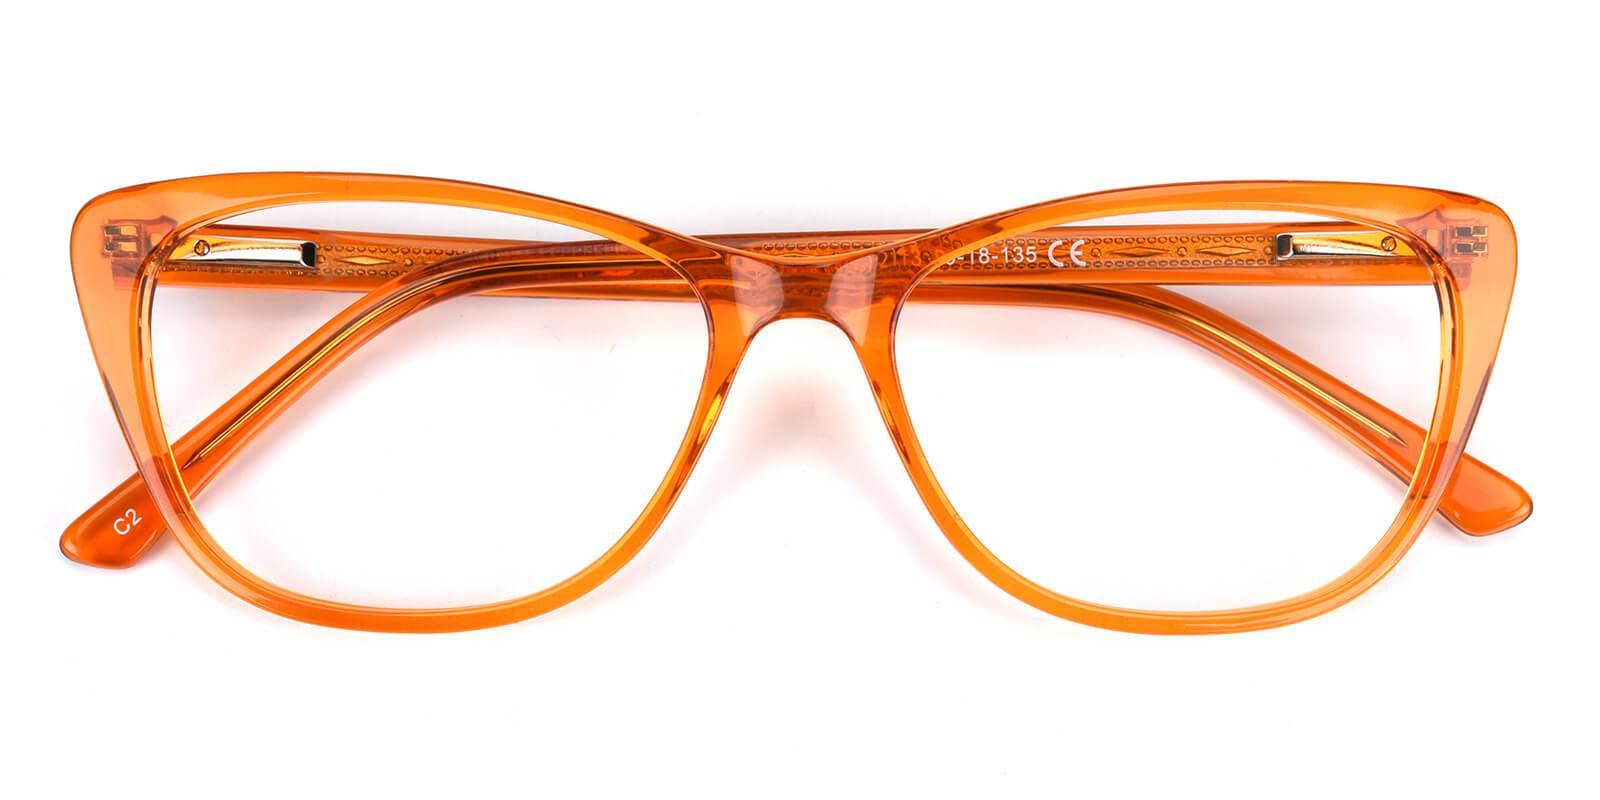 Tersaki-Orange-Cat-Acetate-Eyeglasses-detail